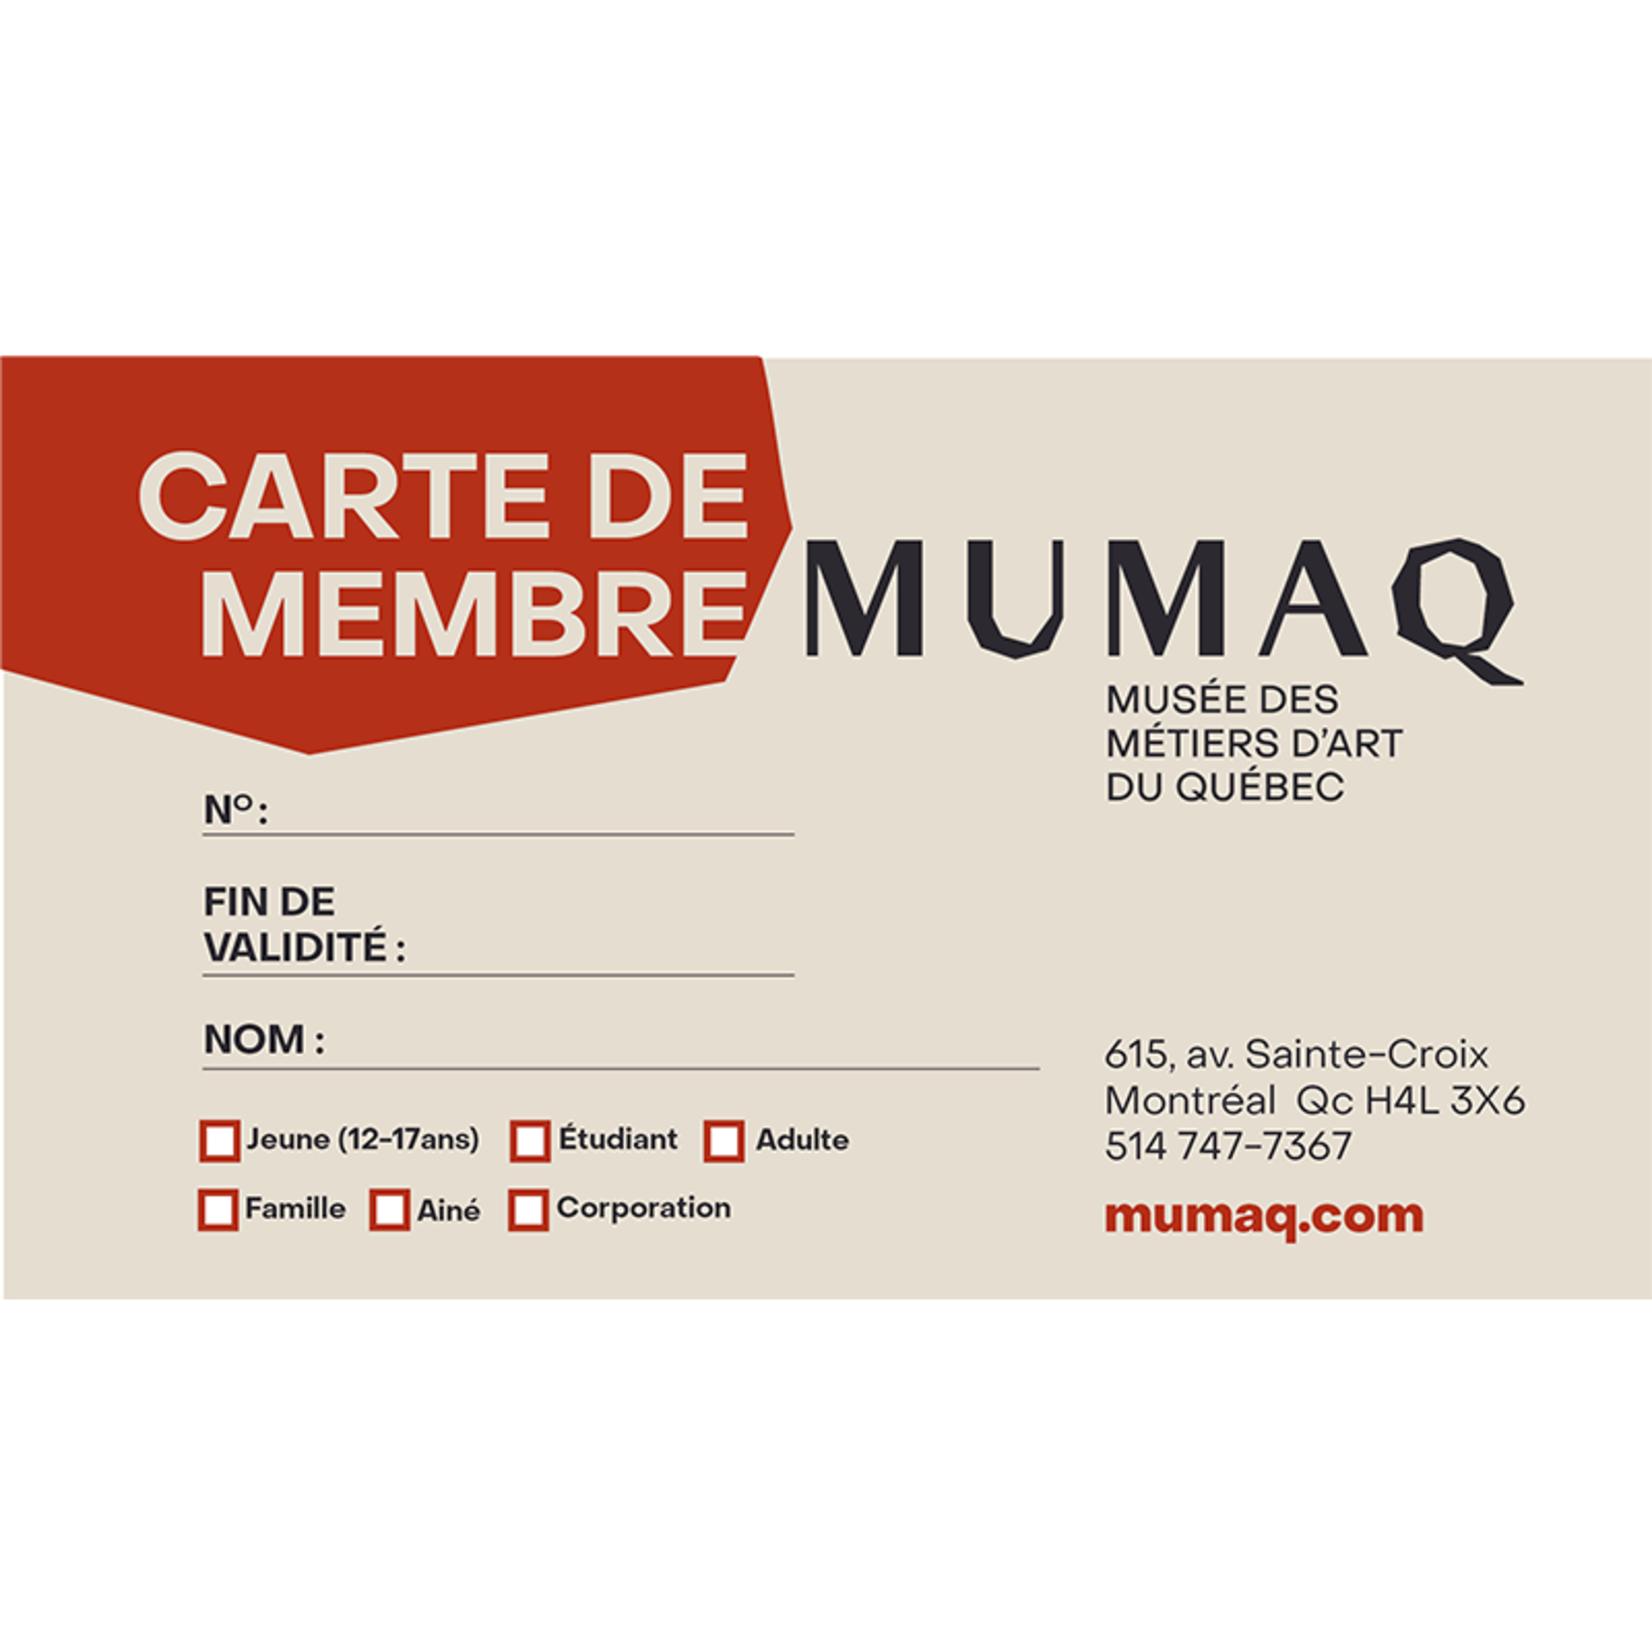 1 year family membership card